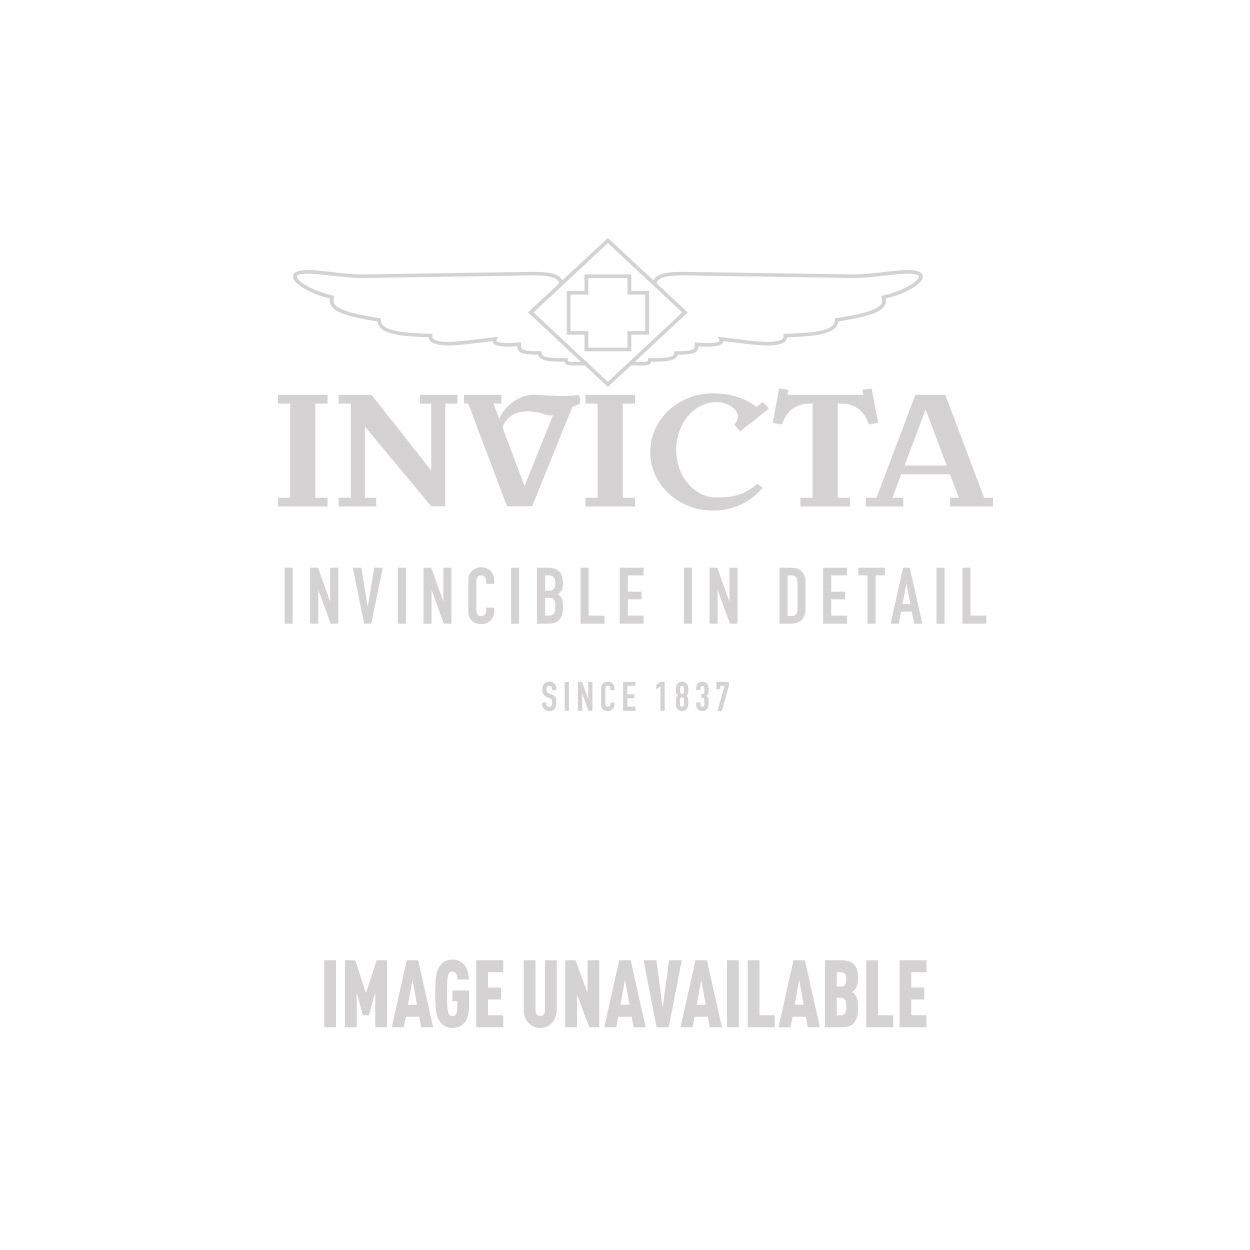 Invicta Model 27229